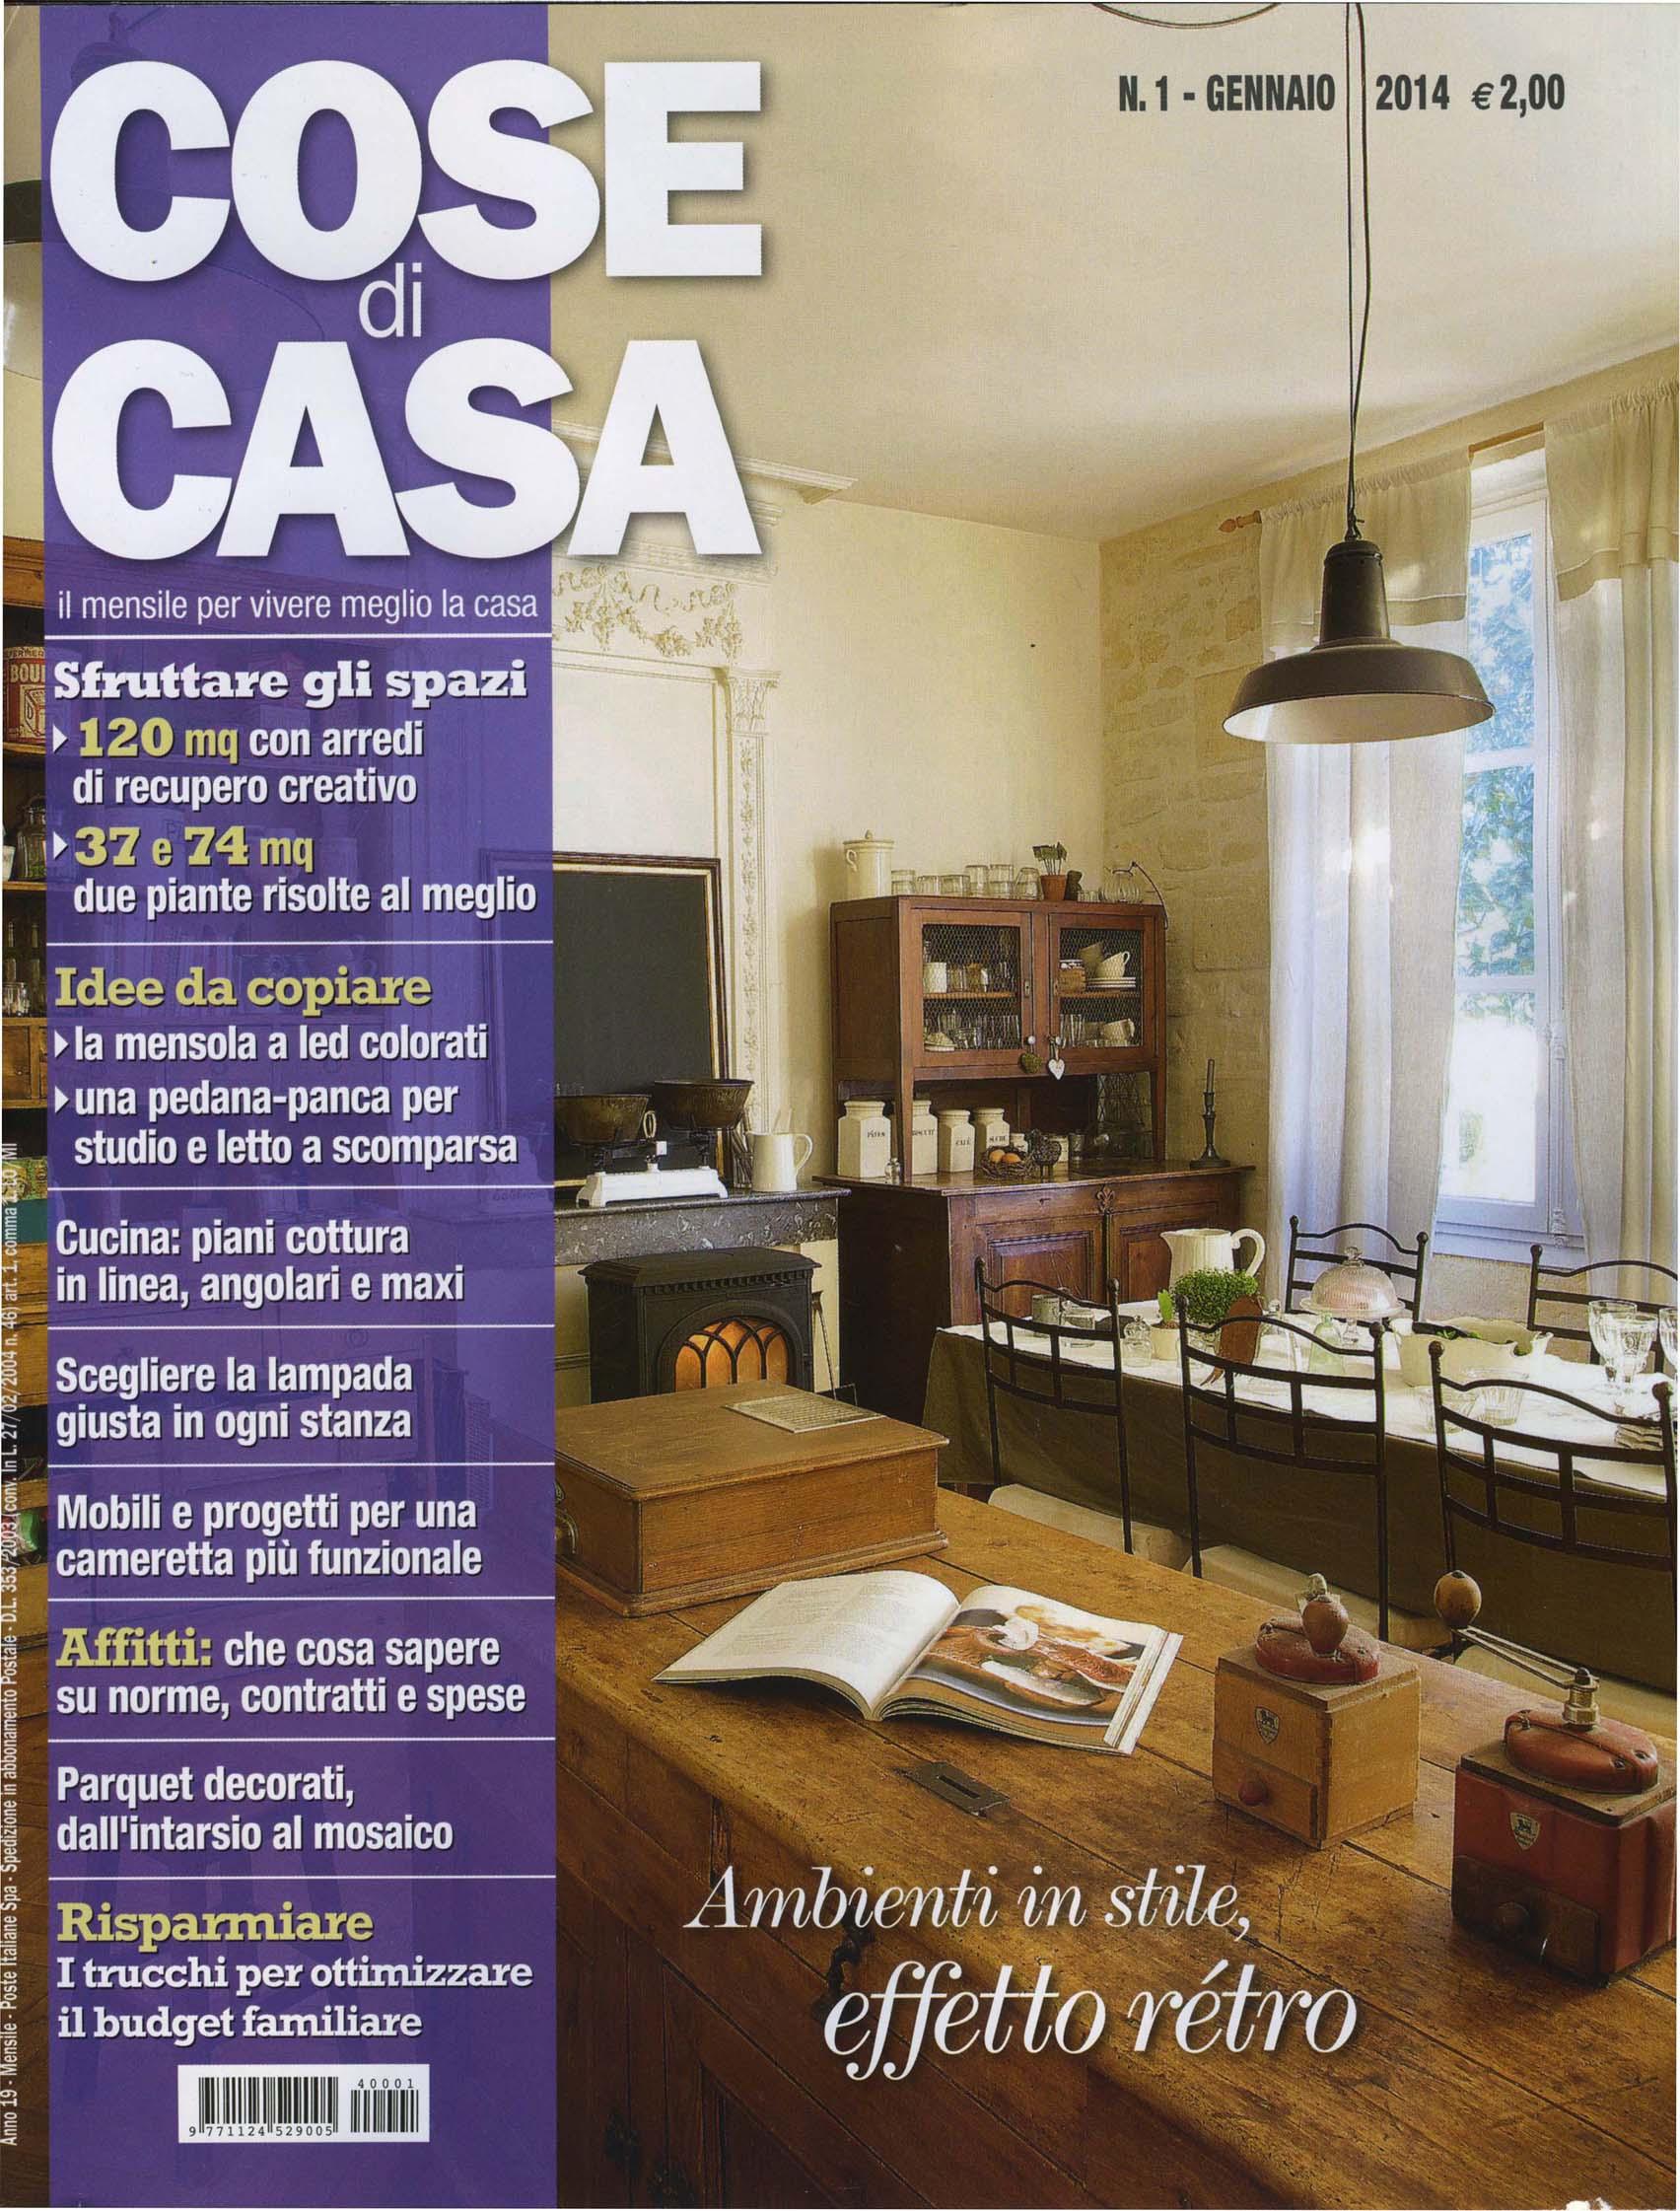 Parquet in legno su riviste arredamento gennaio 2014 cadorin for Riviste su arredamento casa